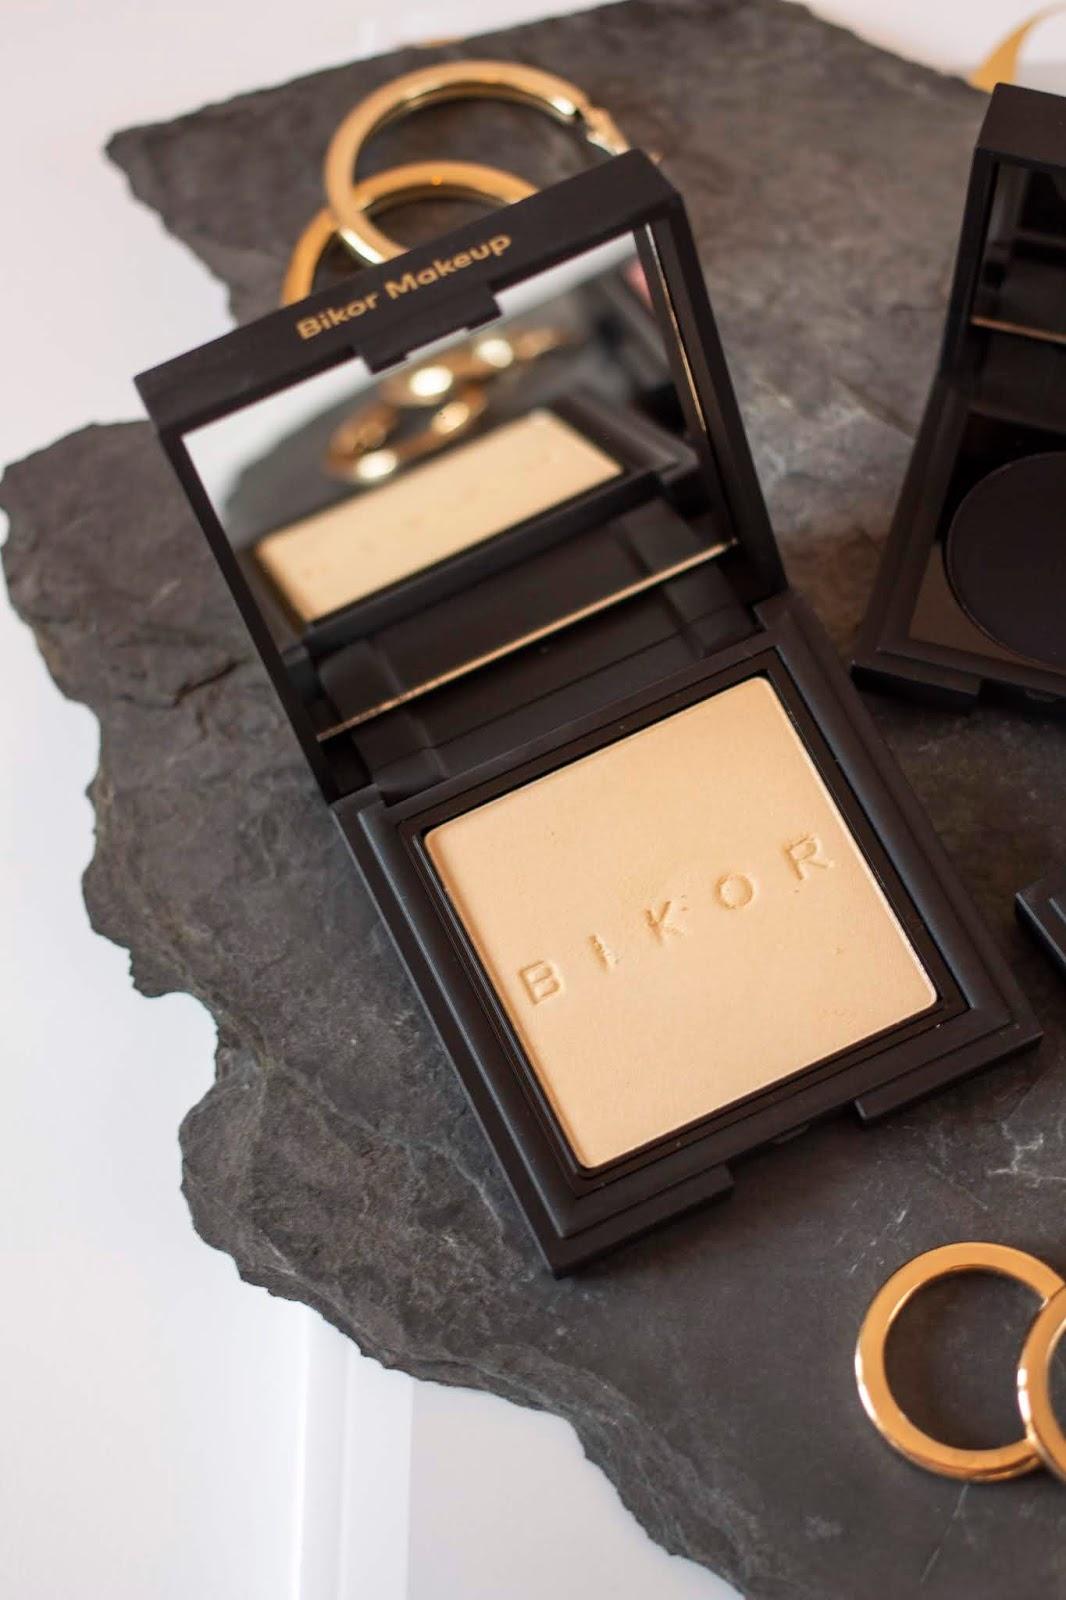 Bikor makeup